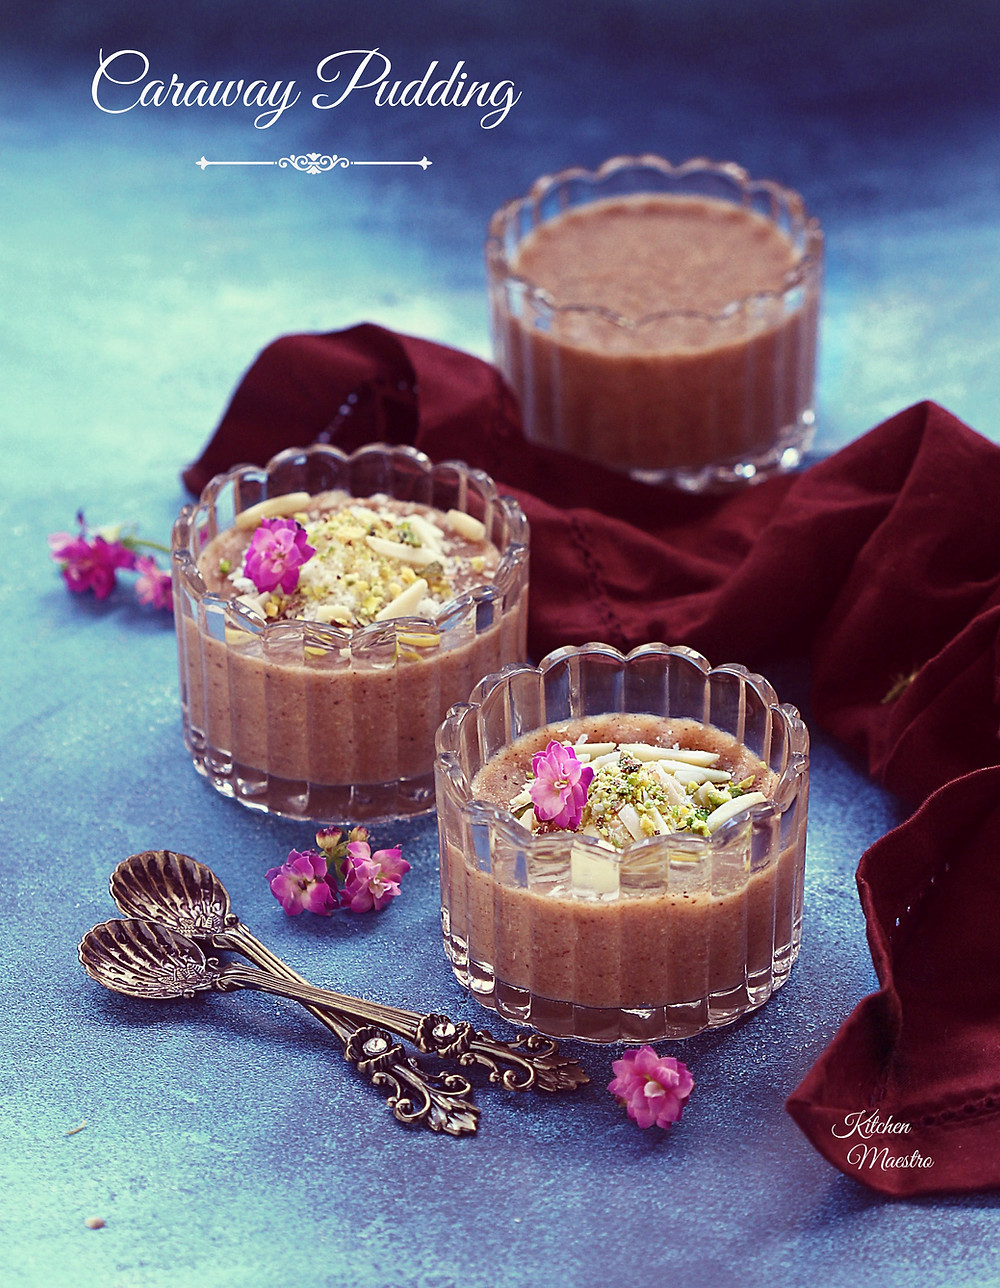 Caraway pudding